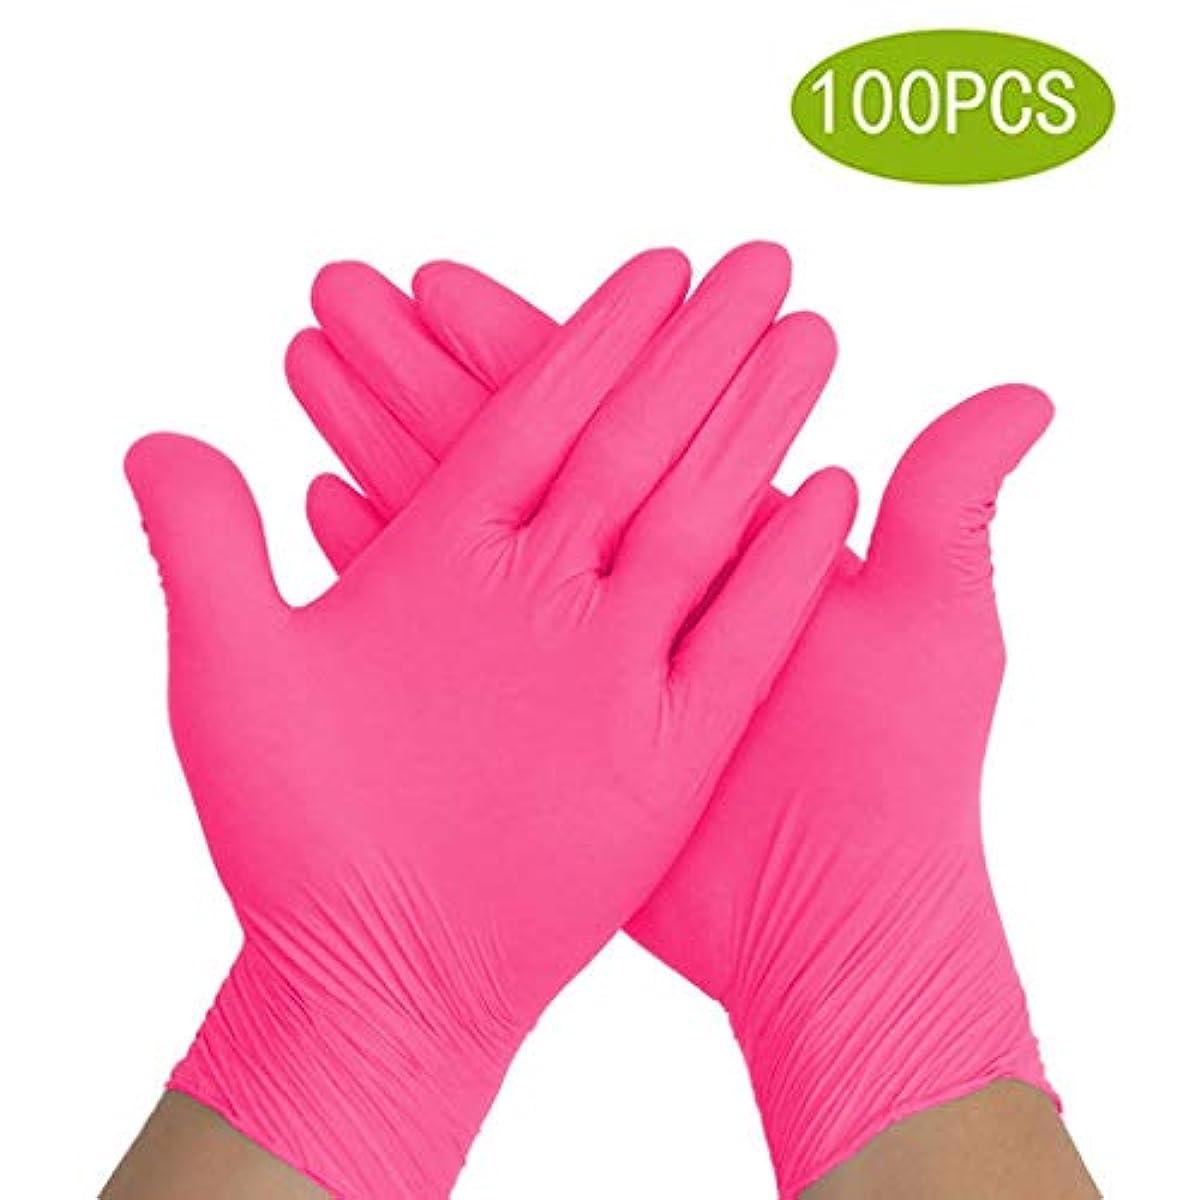 代表する代名詞理解するニトリル使い捨て手袋、パウダーフリーのレッドビューティーサロンタトゥー、食品用手袋、ラテックスフリー、100個ディスペンサーパック (Size : S)